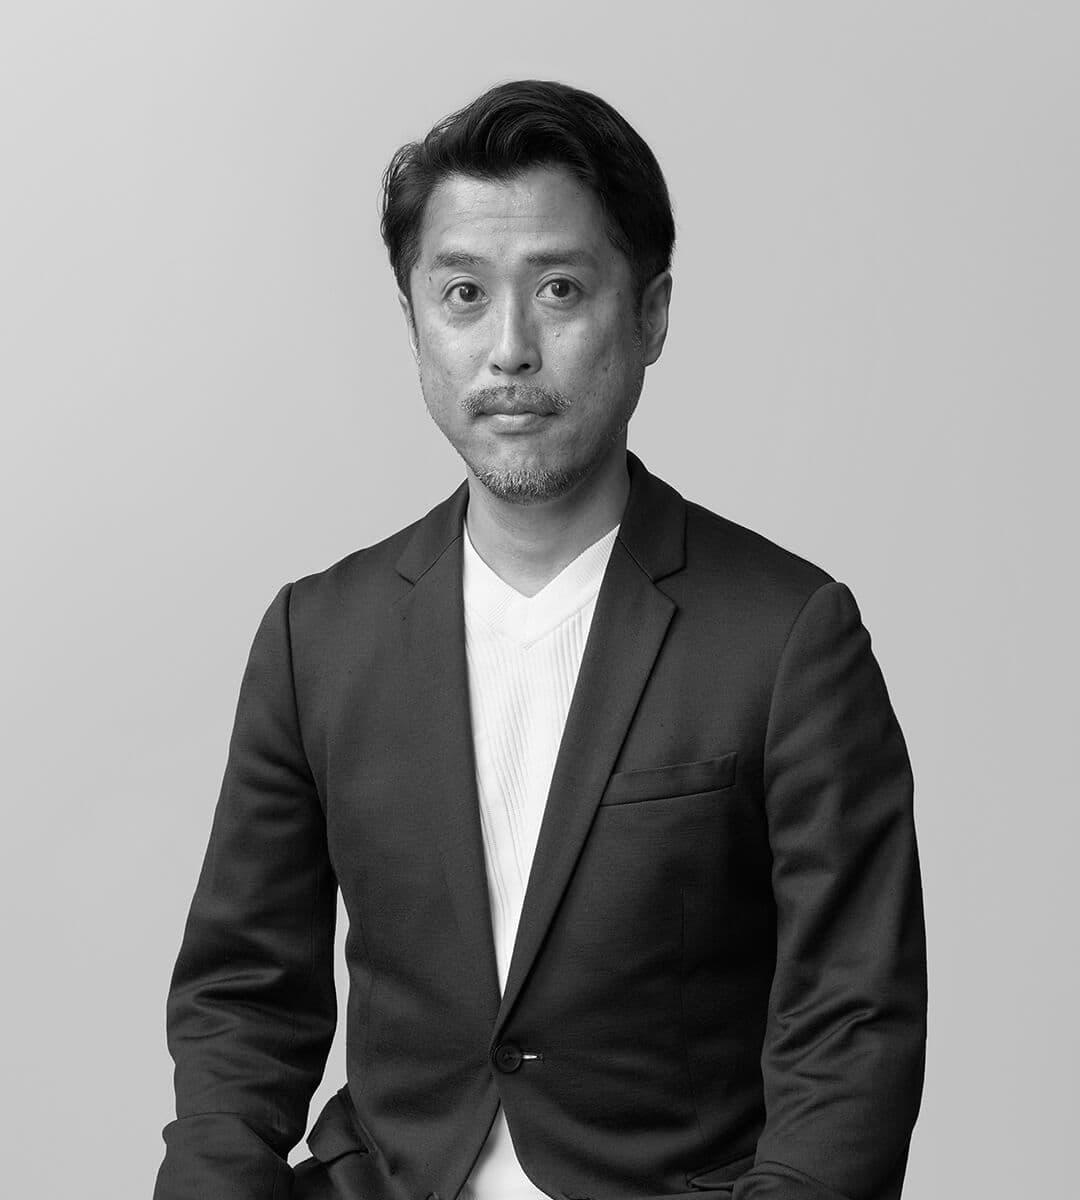 執行役員吉中 慎